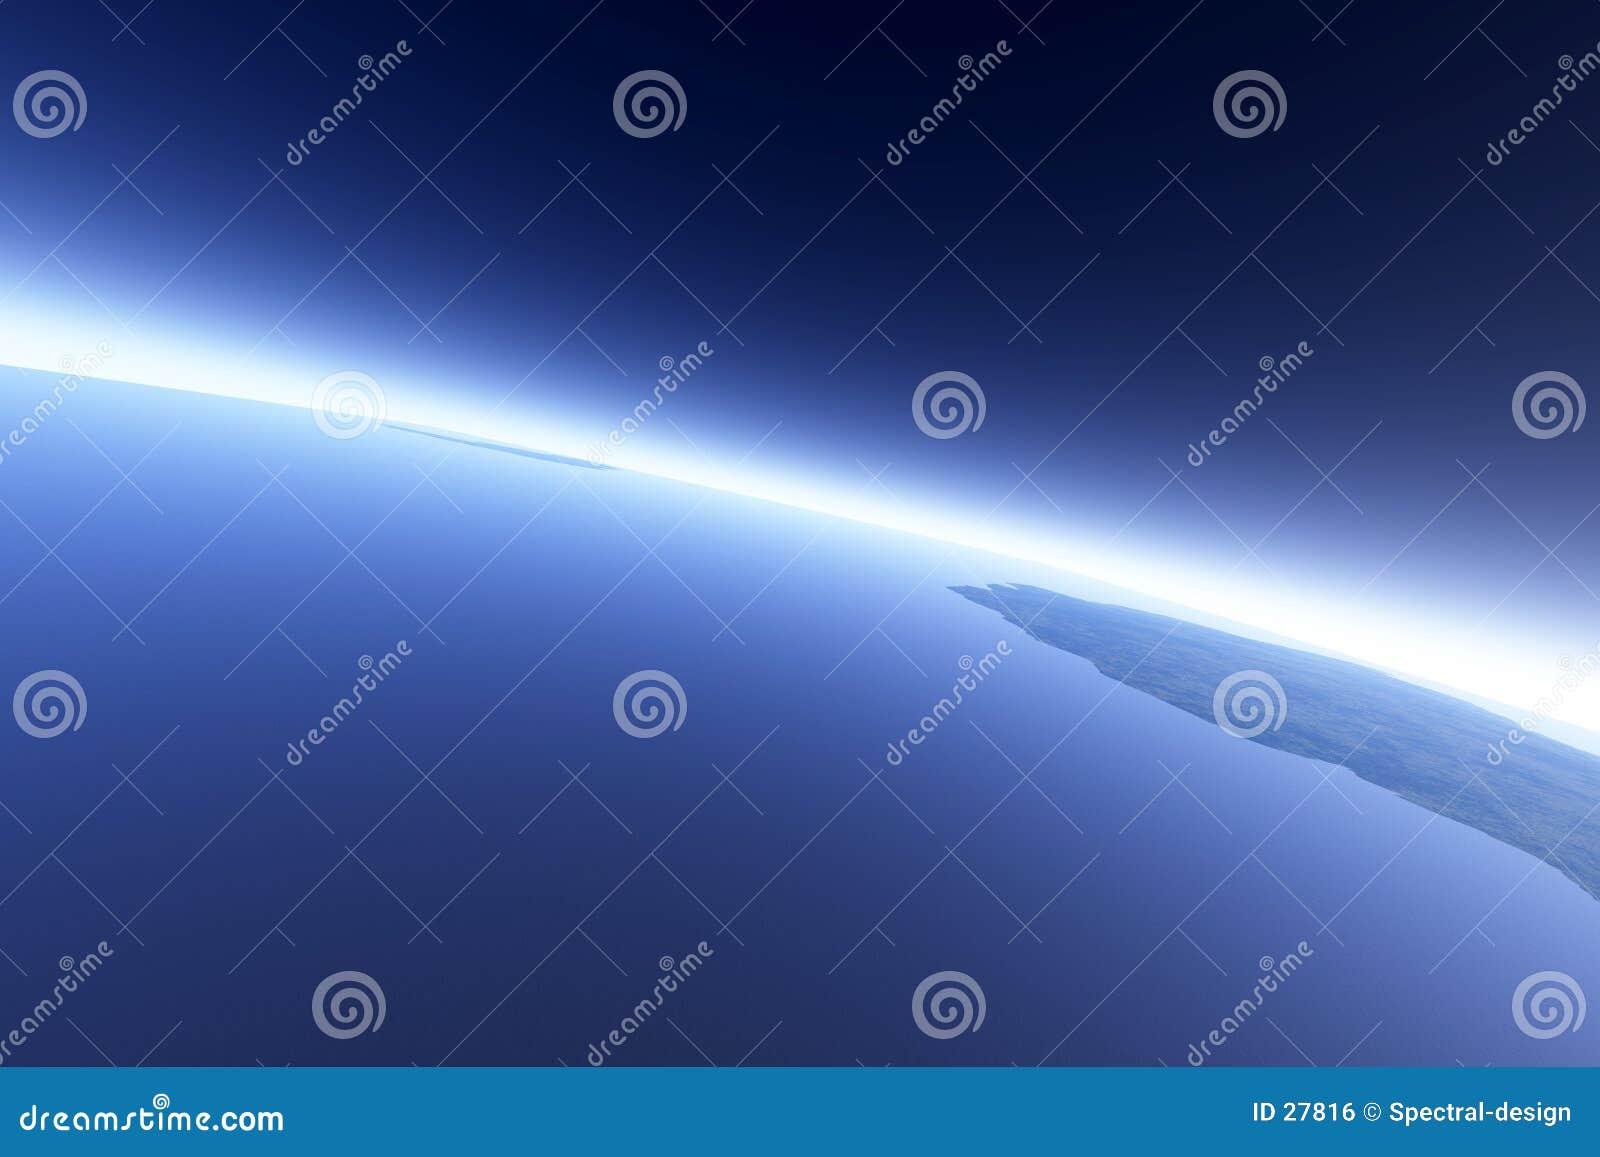 Earthlike Orbit